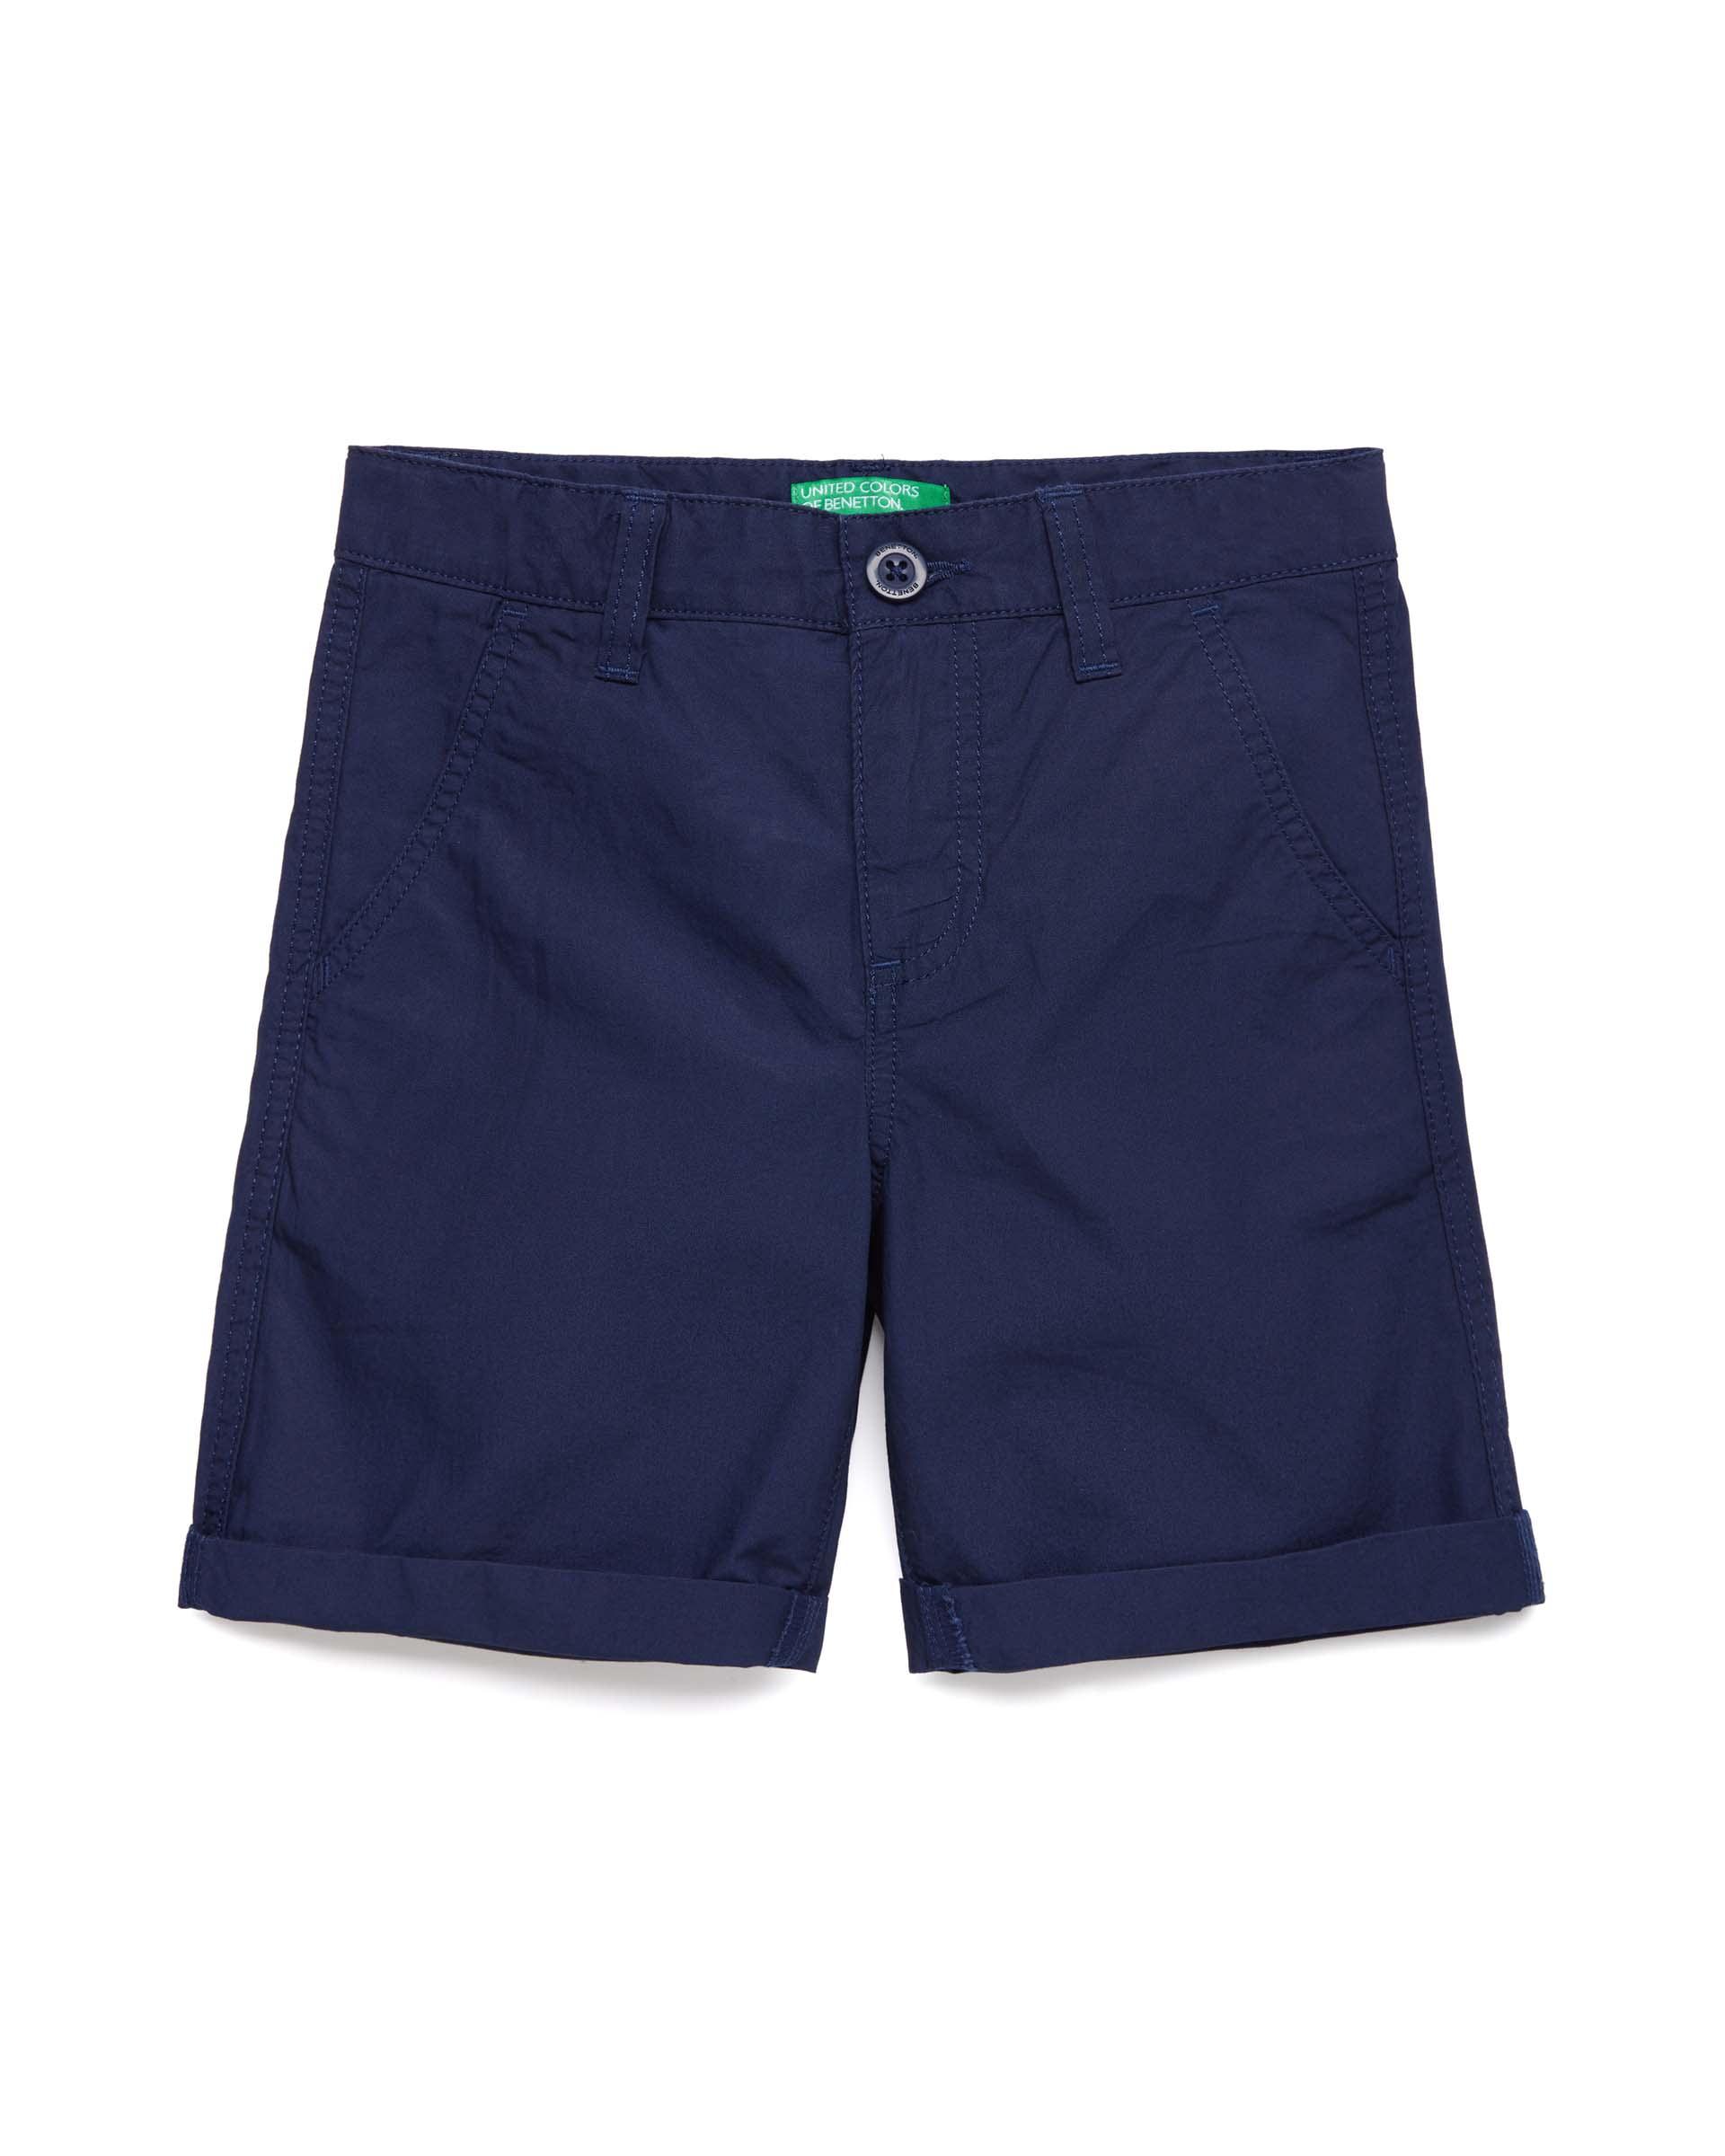 Купить 20P_4AC759270_252, Шорты для мальчиков Benetton 4AC759270_252 р-р 80, United Colors of Benetton, Шорты и брюки для новорожденных